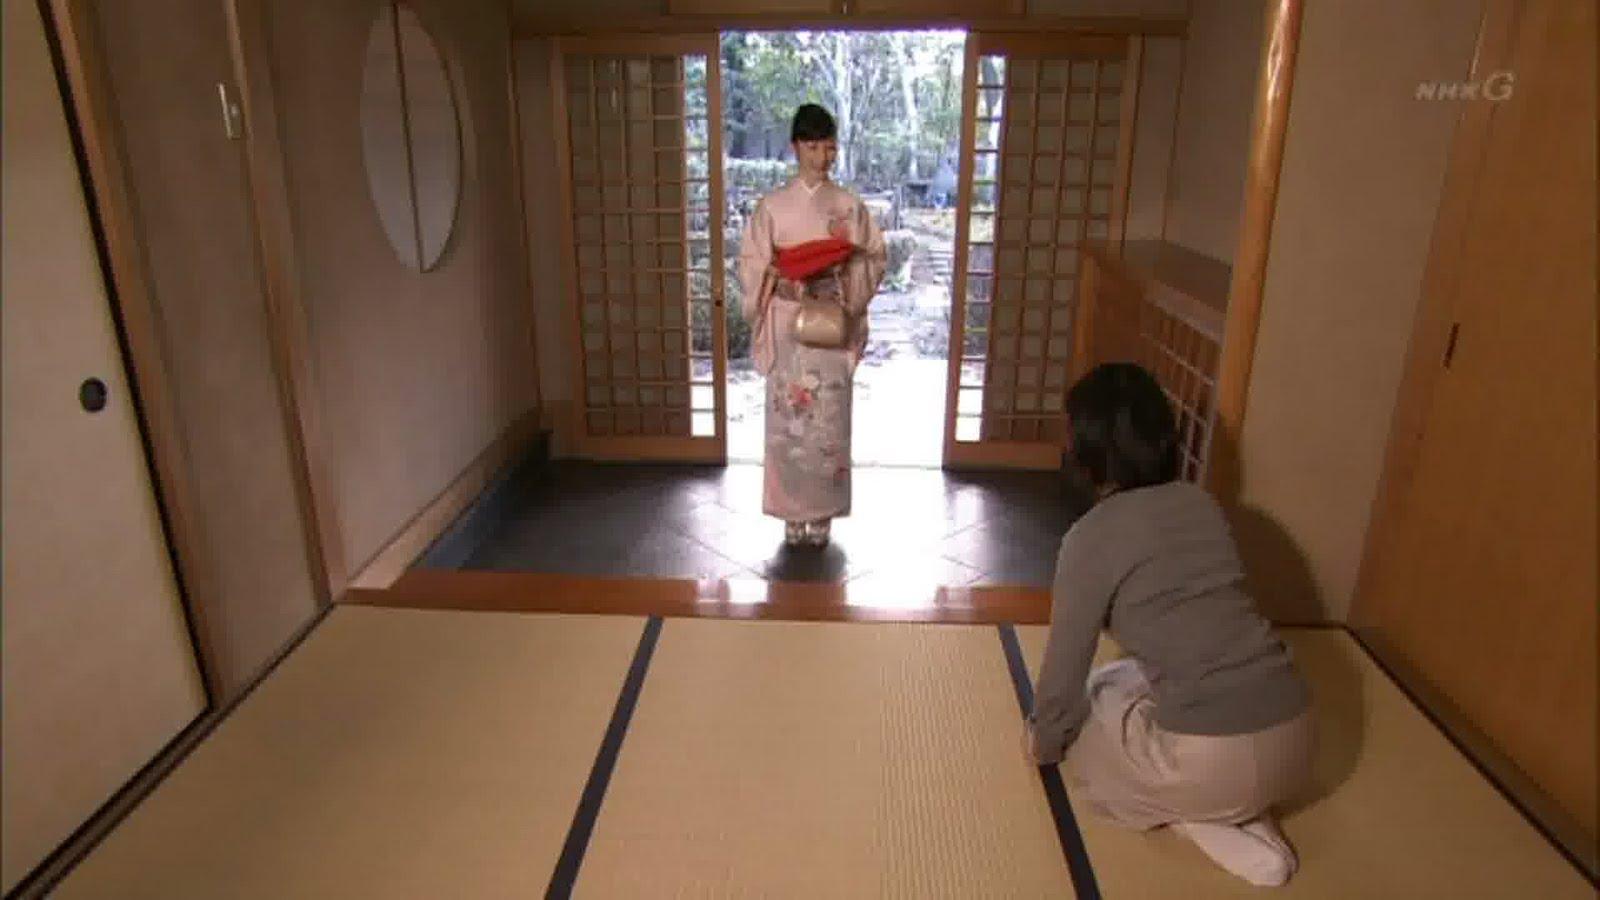 Vivirias en una casa japonesa worldanimox - Casas japonesas tradicionales ...